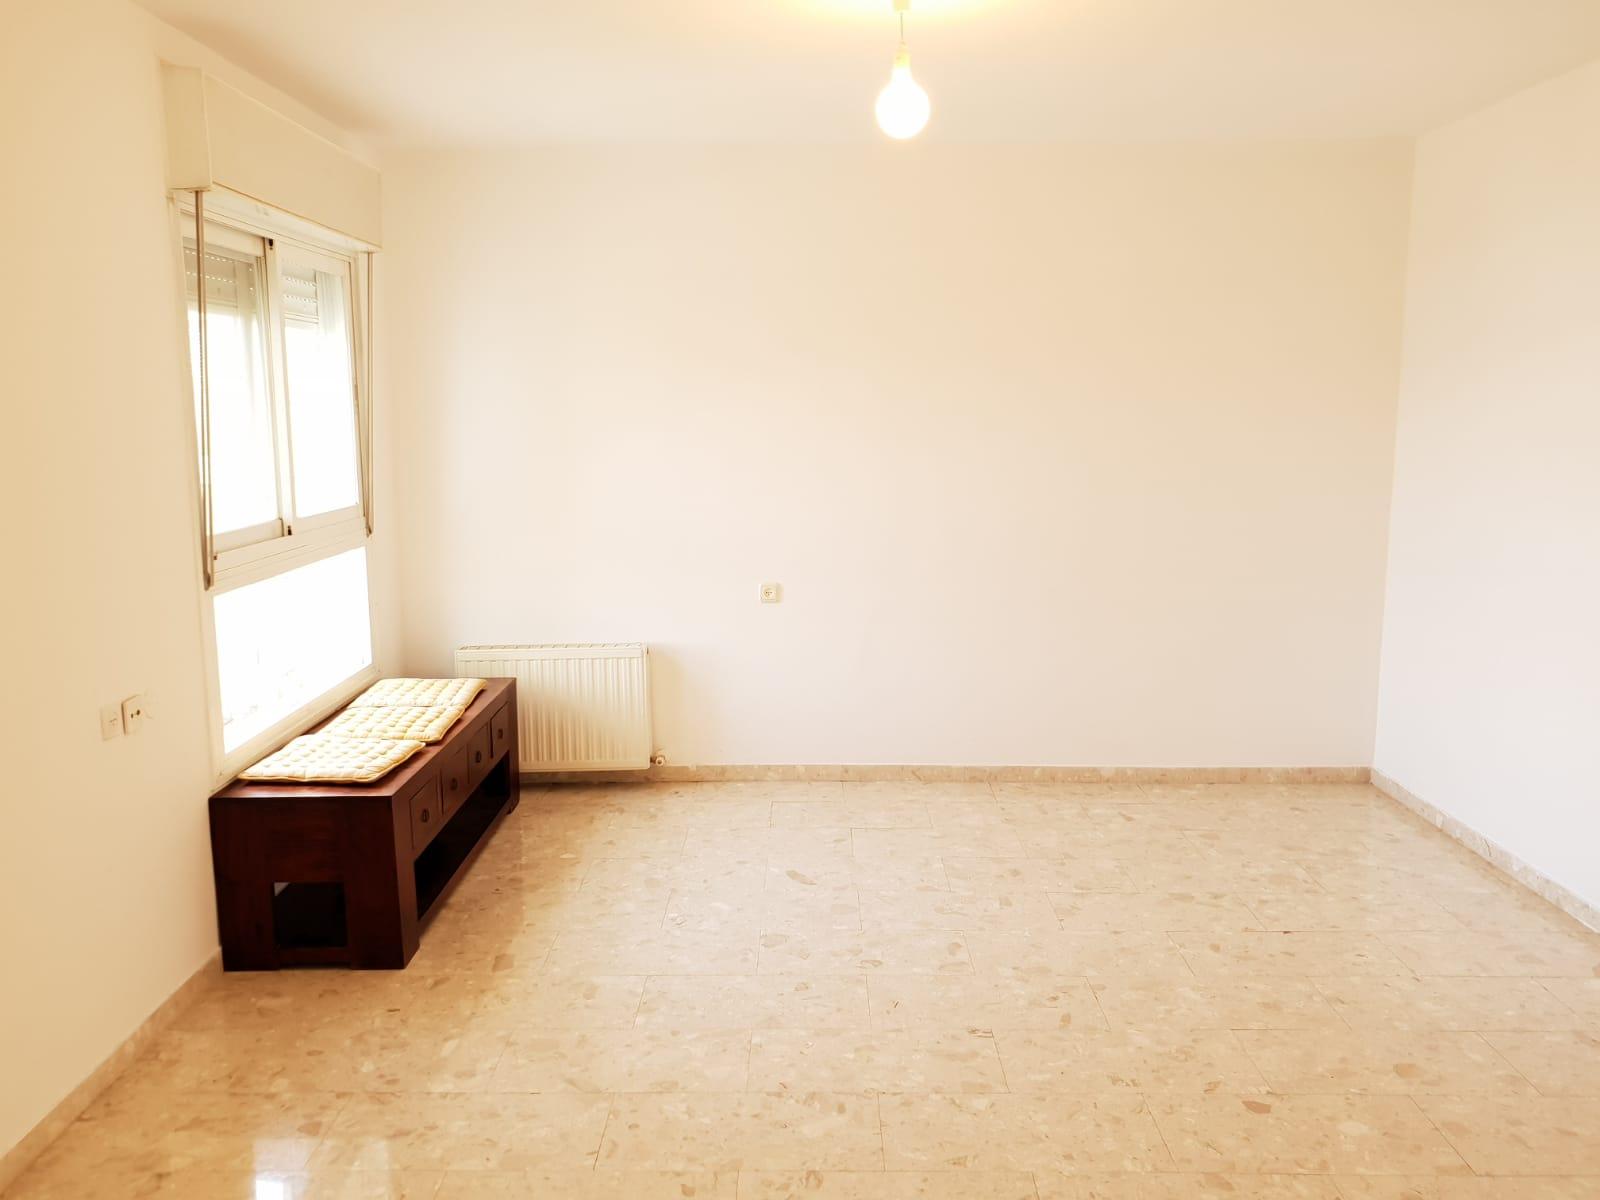 הדירה ברחוב אריה דולצ'ין, גבעת משואה (צילום: אייל שאולוף)